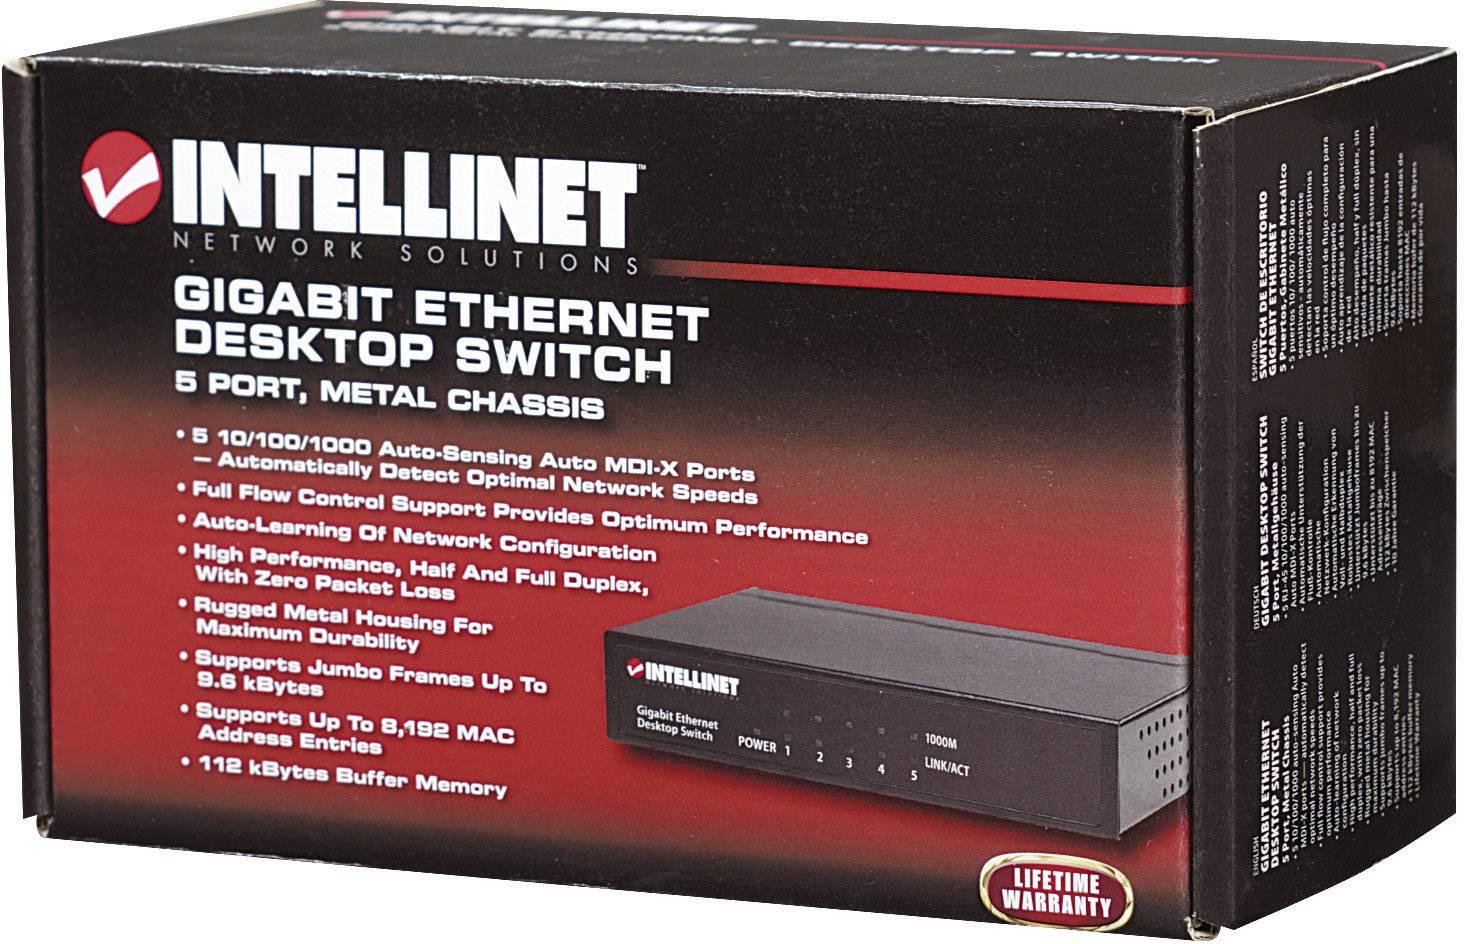 Intellinet 5-Port Gigabit 10//100//1000 Mbps Ethernet Desktop Switch 530378